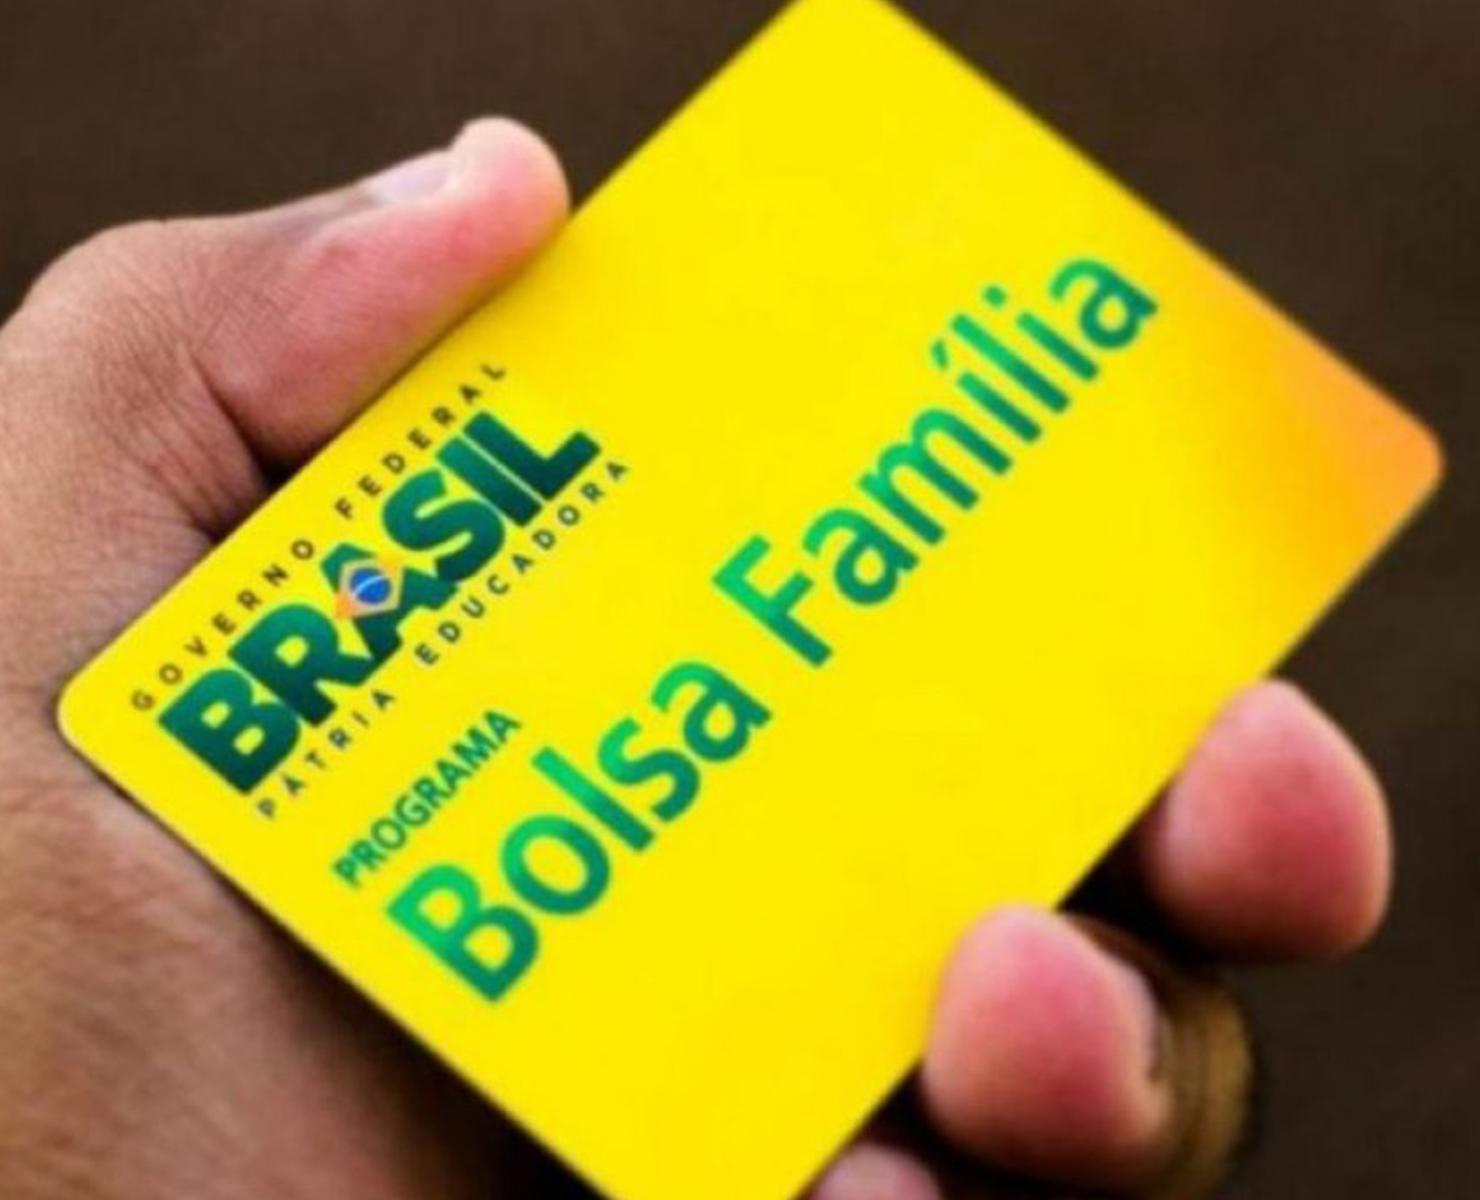 BOLSA FAMÍLIA: CONFIRA NOVAS INFORMAÇÕES SOBRE O PROGRAMA